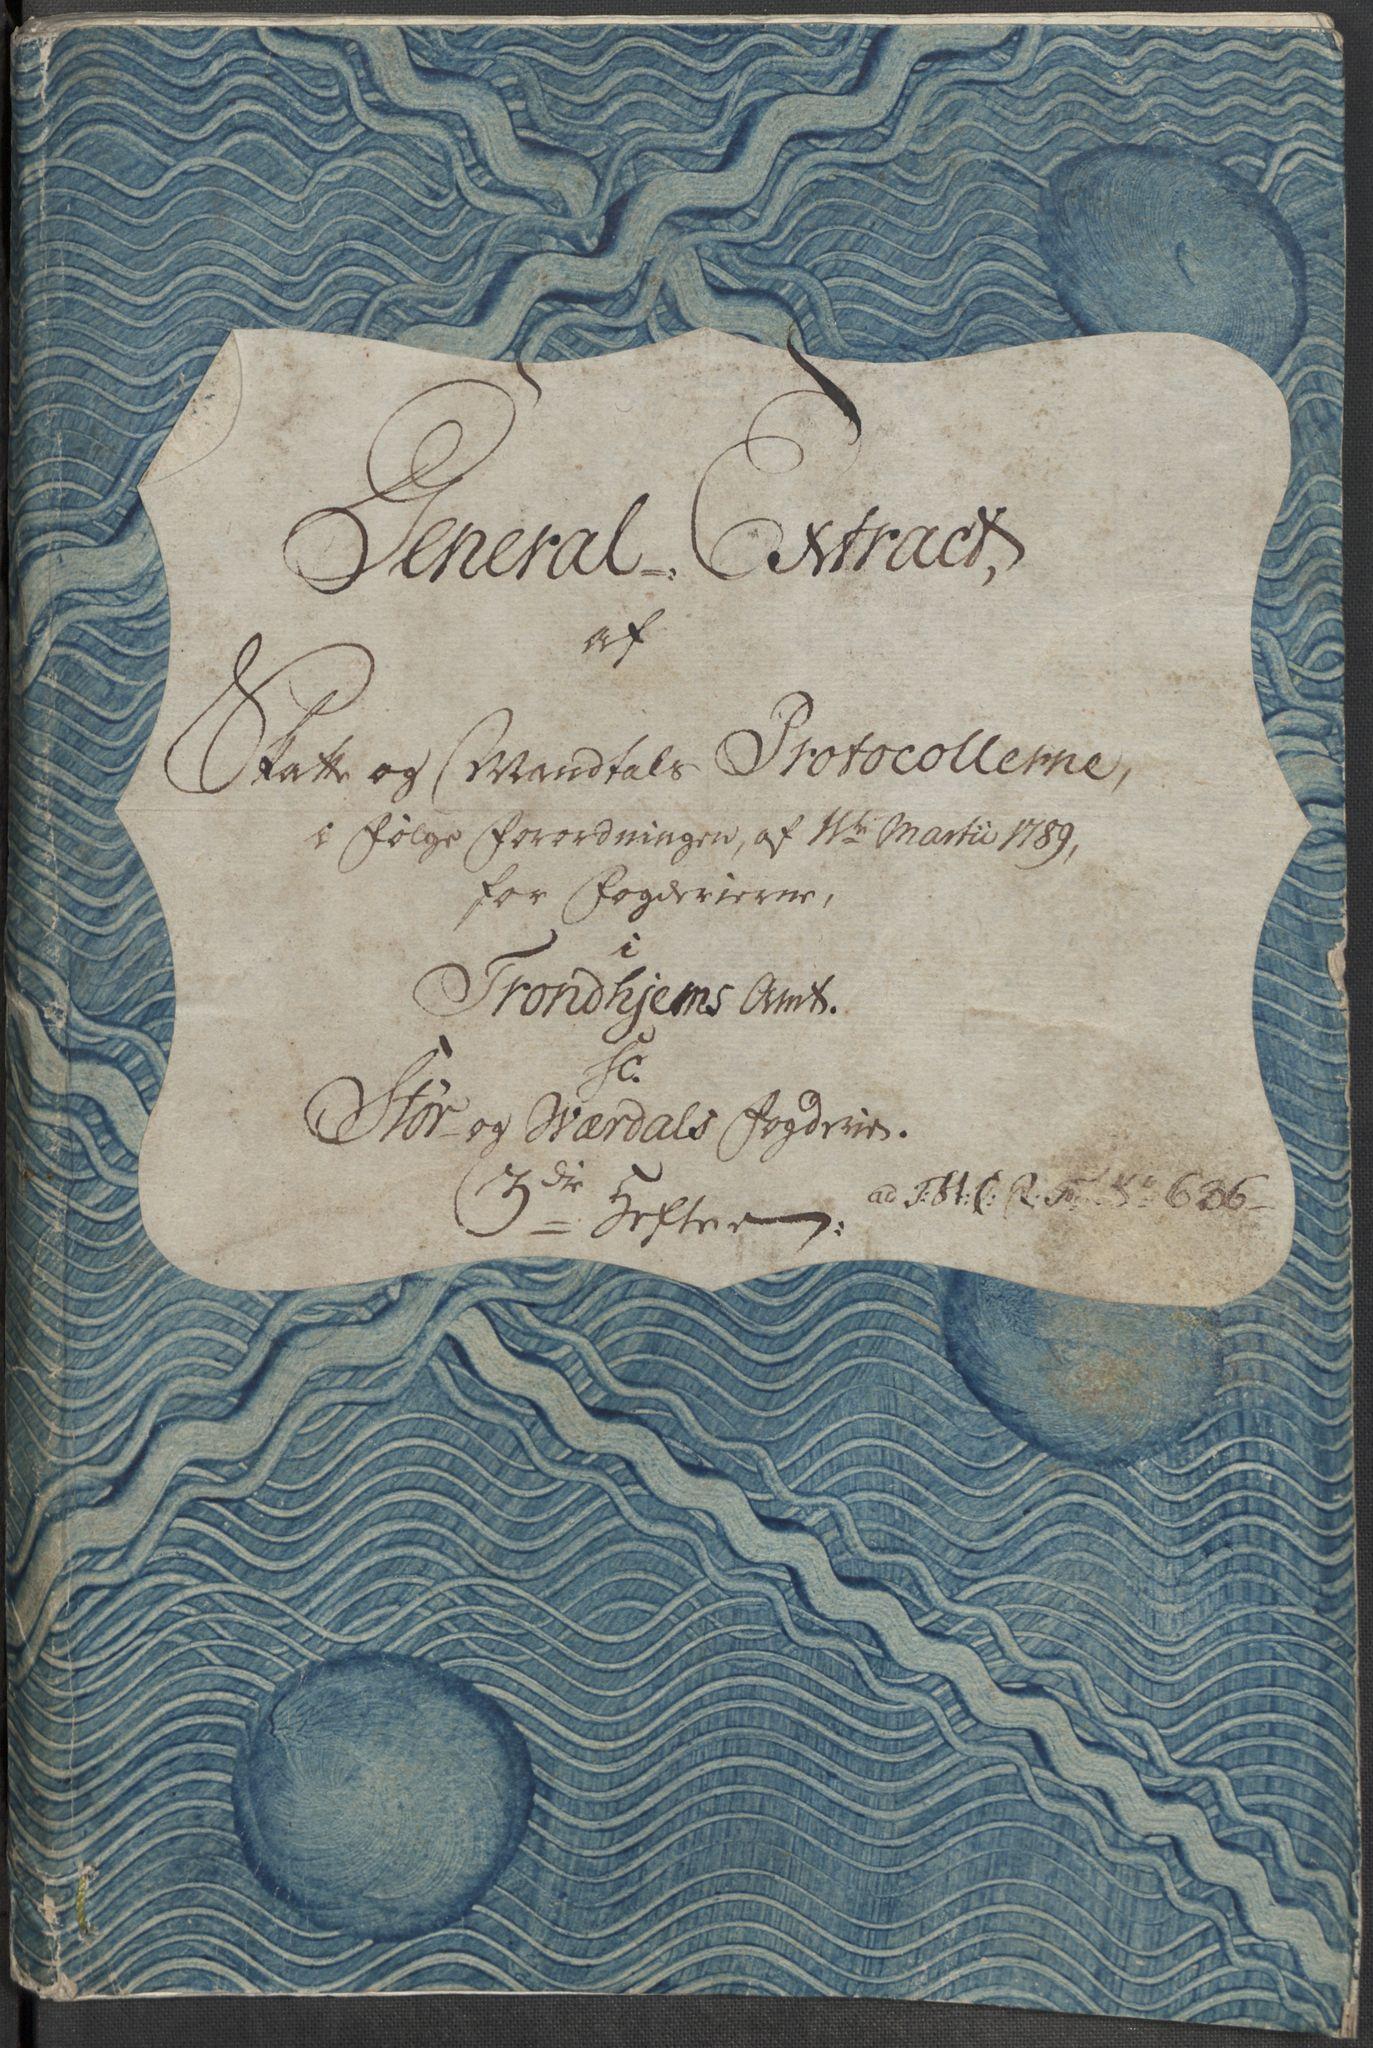 RA, Rentekammeret inntil 1814, Reviderte regnskaper, Mindre regnskaper, Rf/Rfe/L0045: Stavanger, Stjørdal og Verdal fogderi, 1789, s. 175